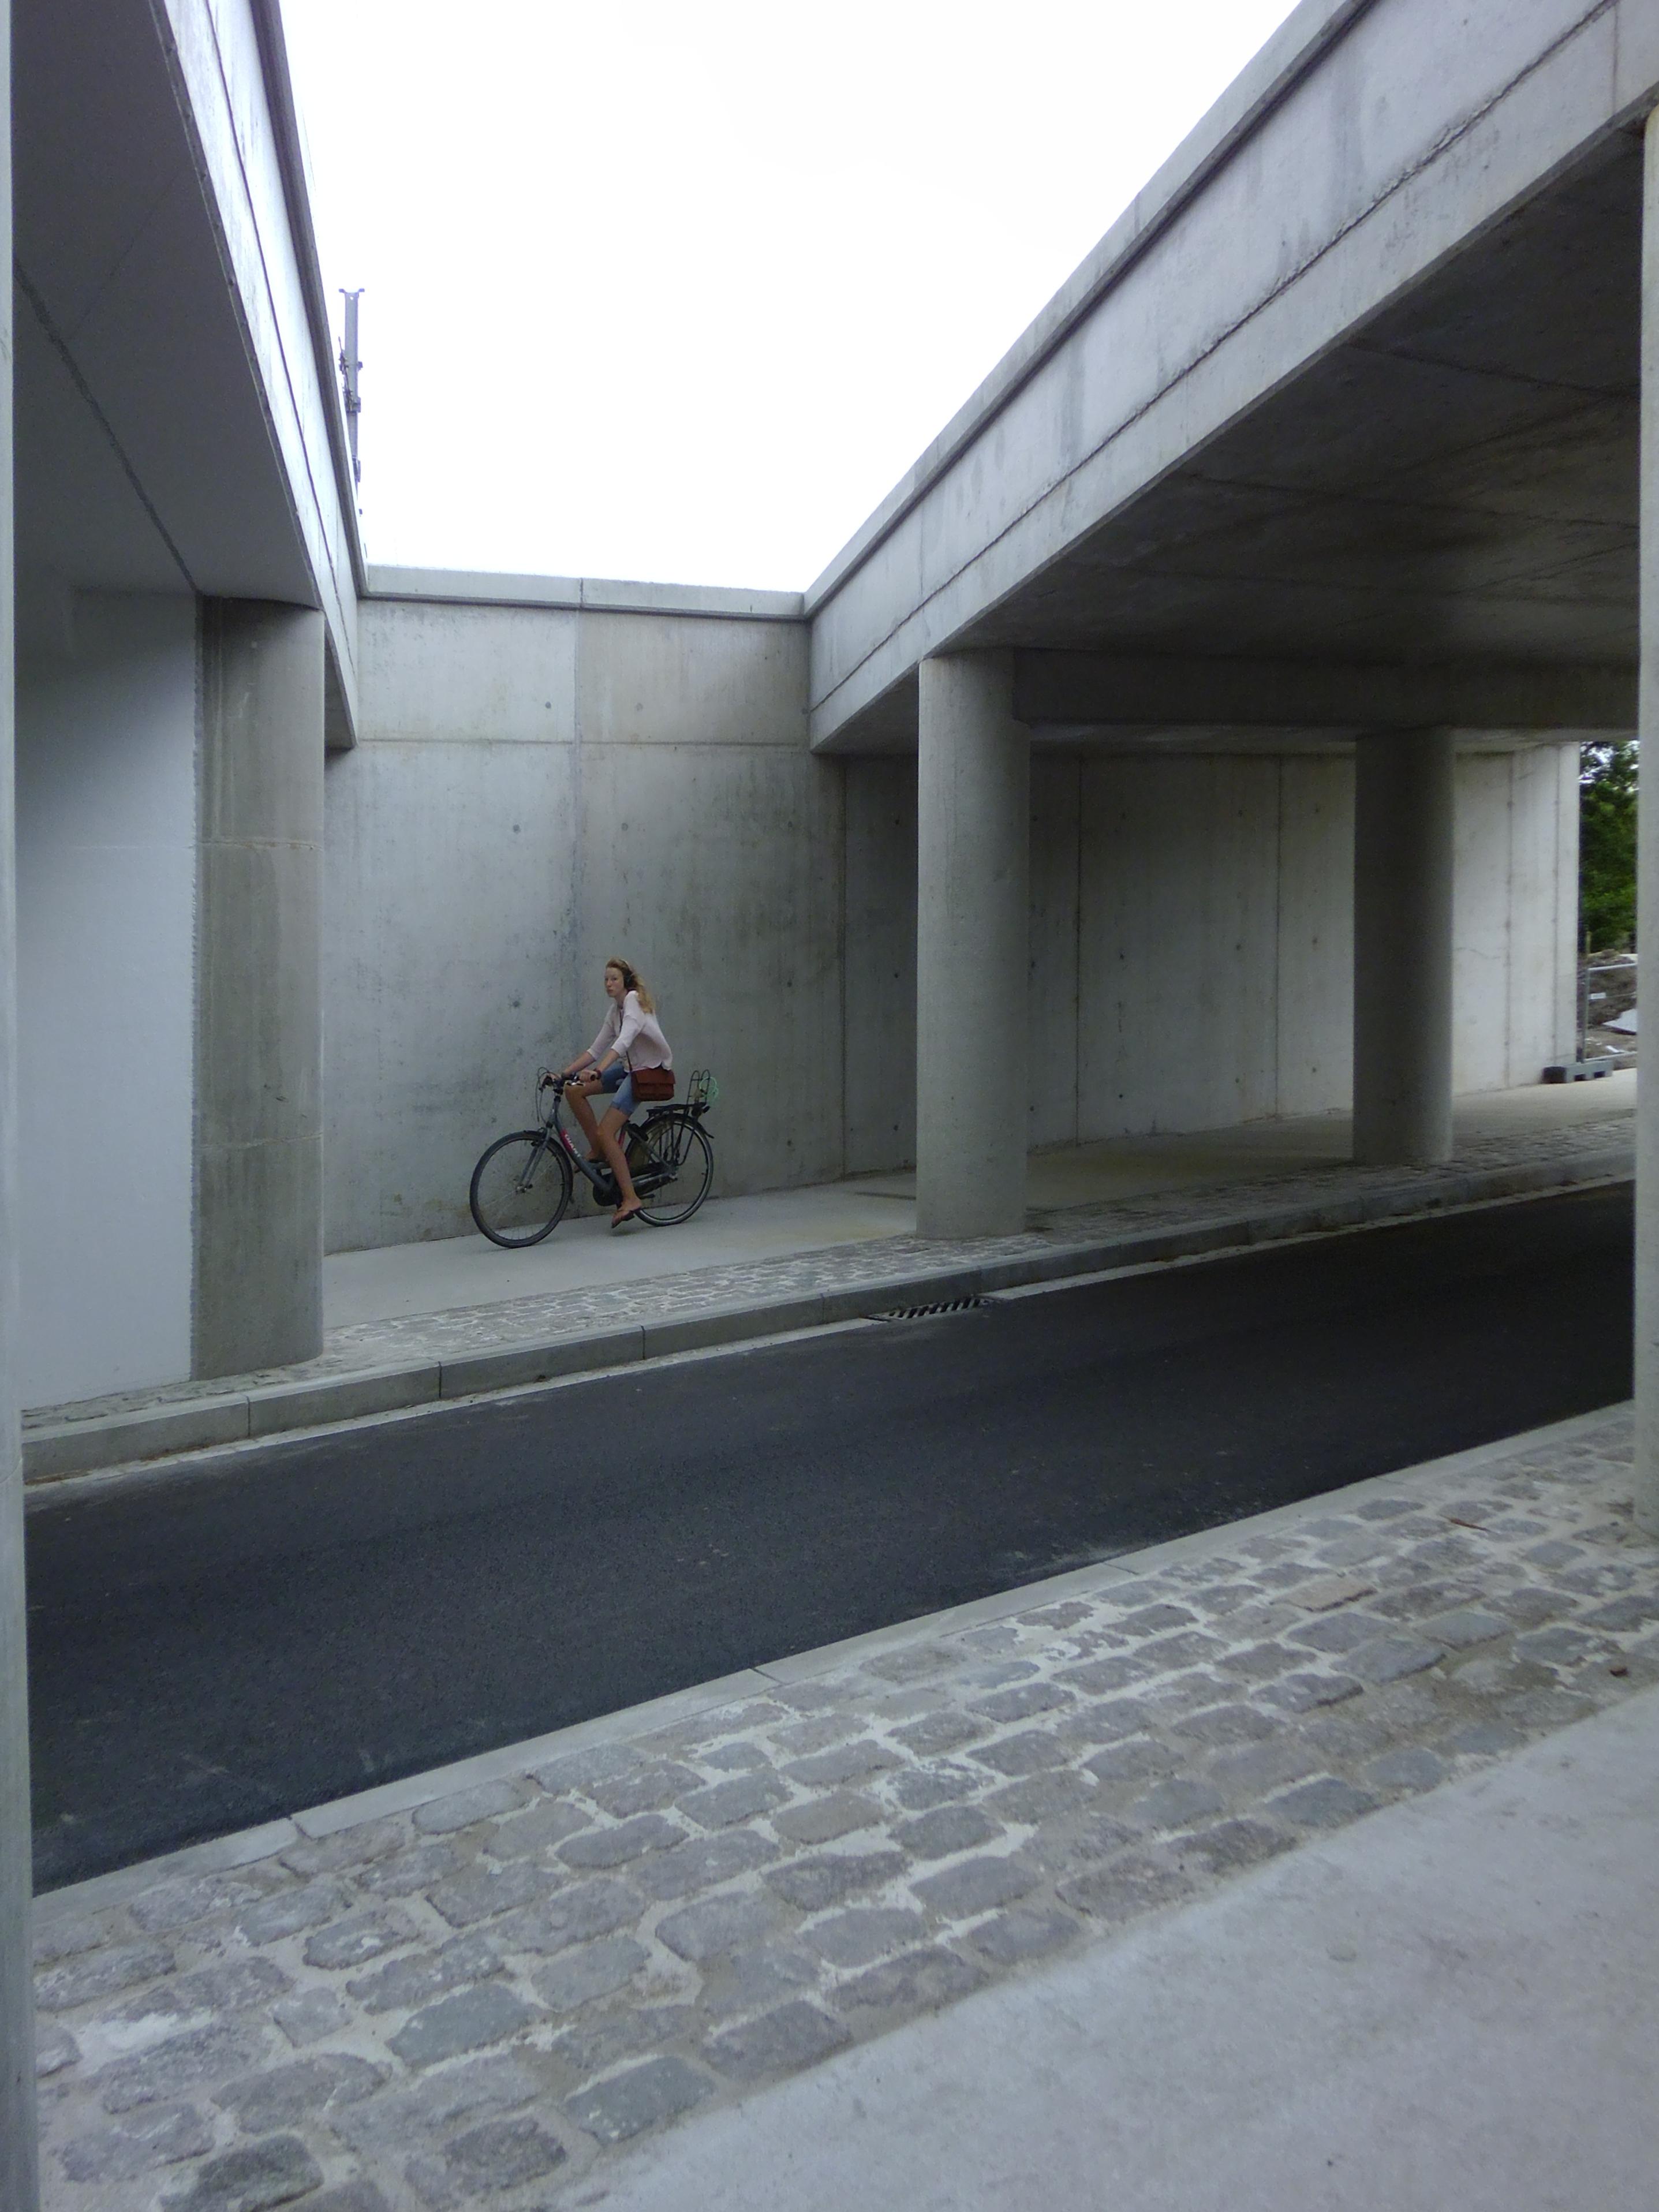 31jul13, 12u07, Asselsstraat, Drongen